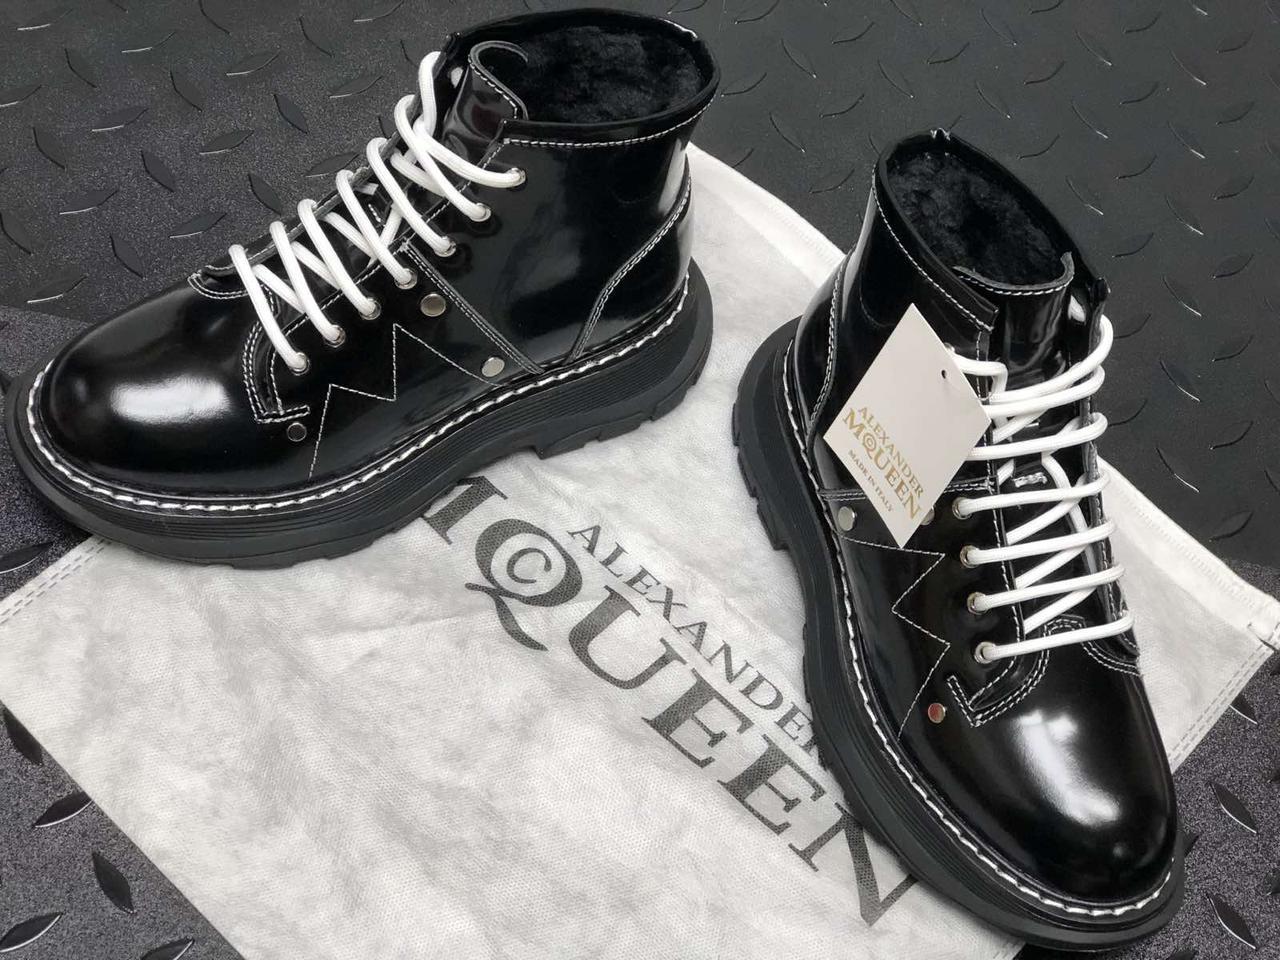 Женские кроссовки Alexander McQueen Boots Black  Winter. ТОП Реплика ААА класса. Черные